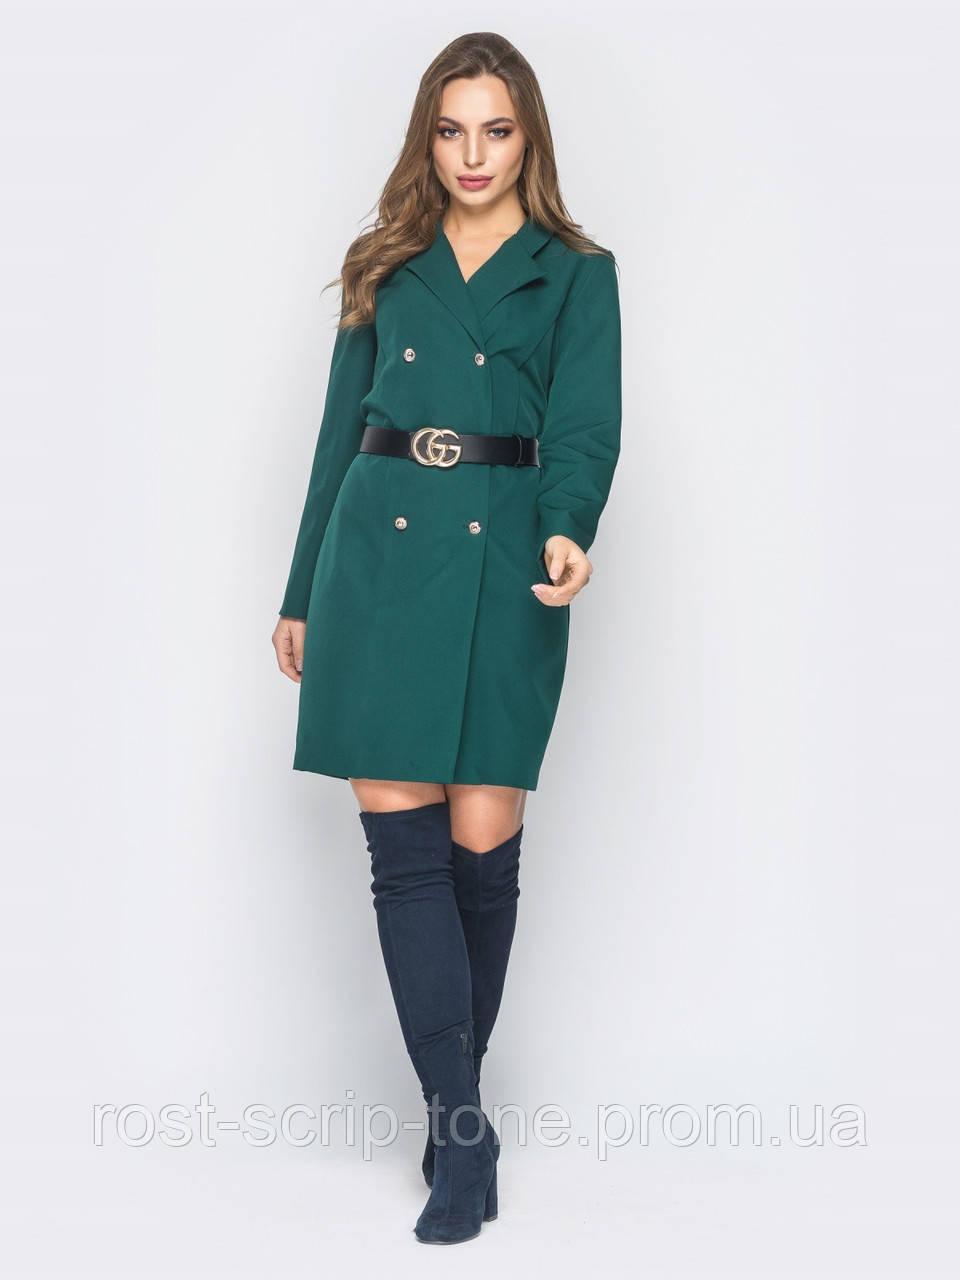 2bd32ba95c1 ♥️Двубортное платье-пиджак с лацканами (зеленое